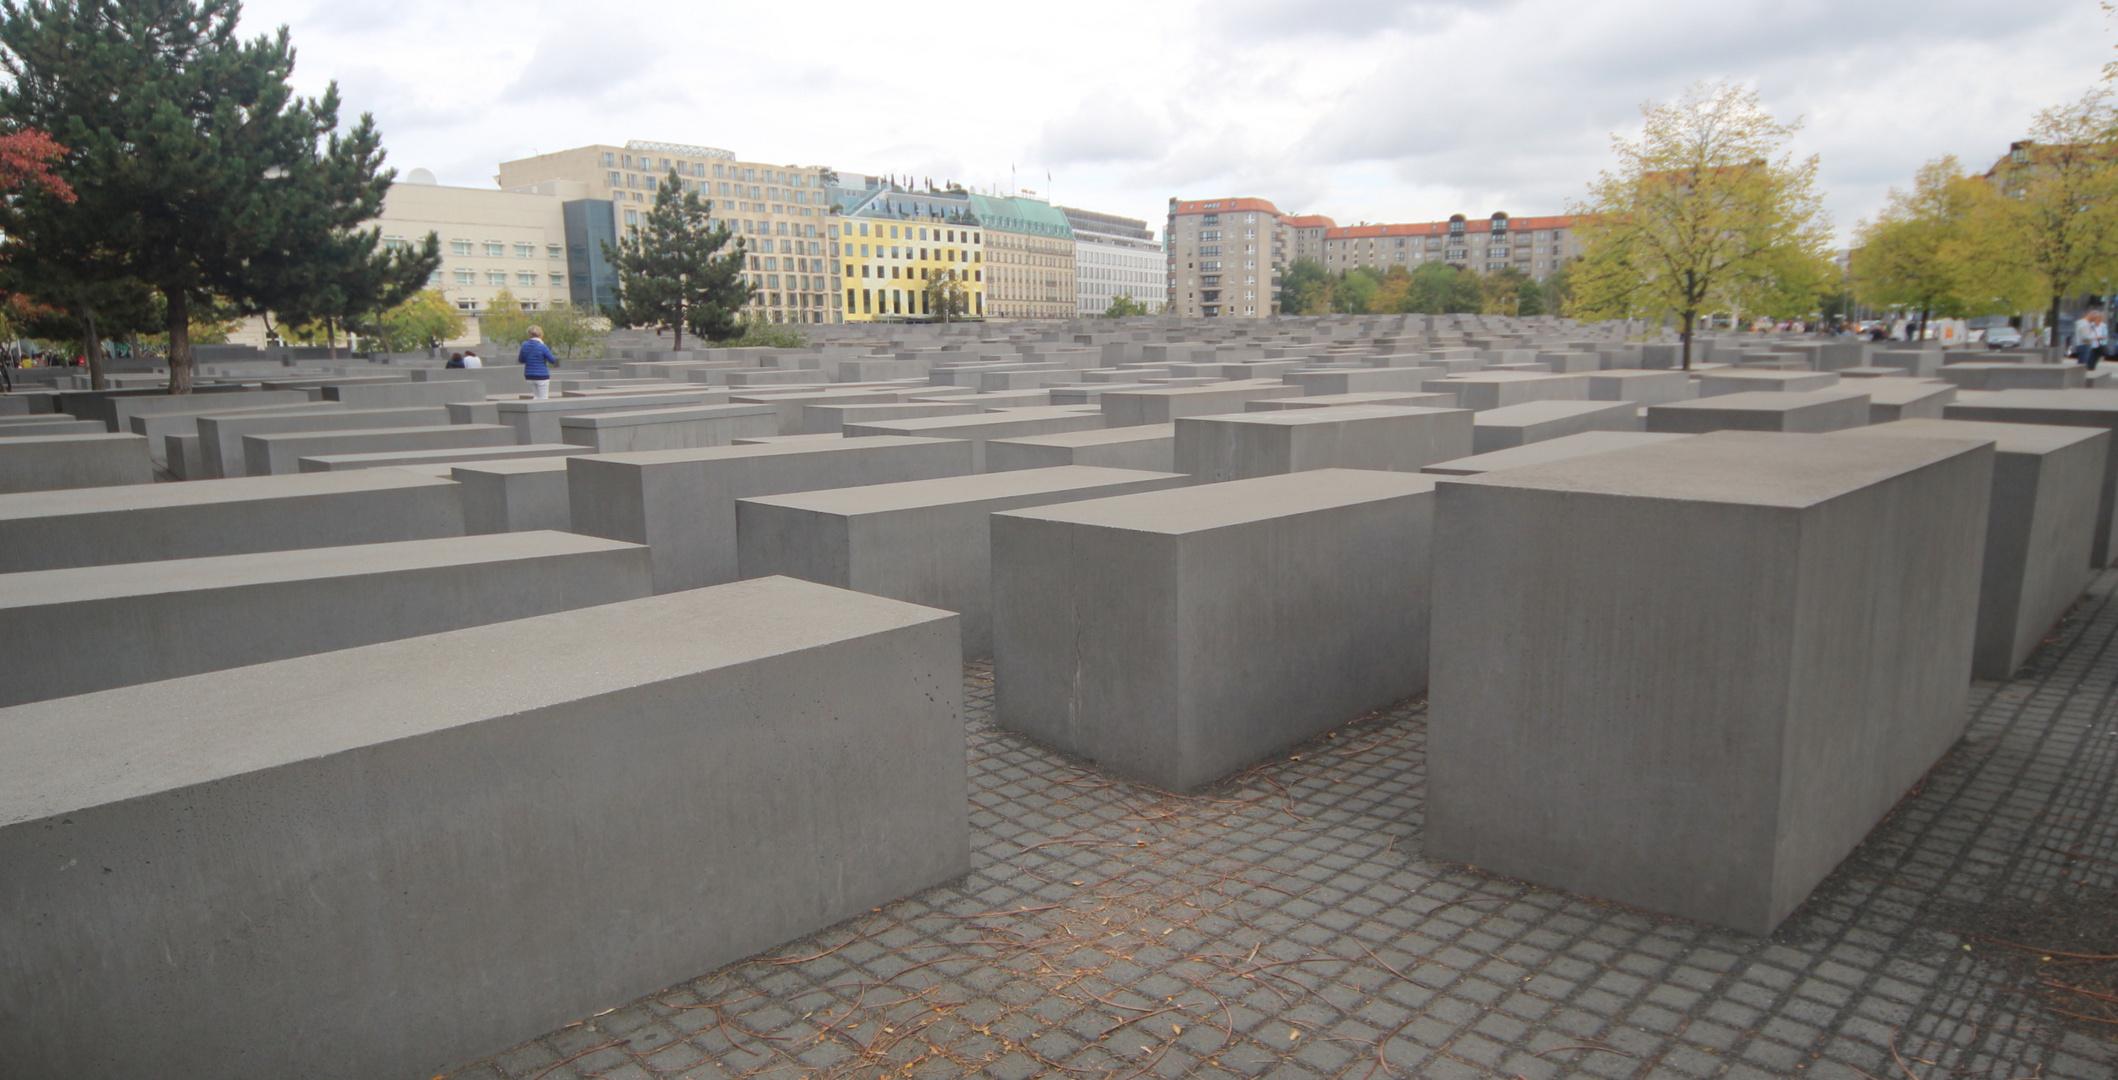 Monumento alla memoria delle vittime dell'olocausto